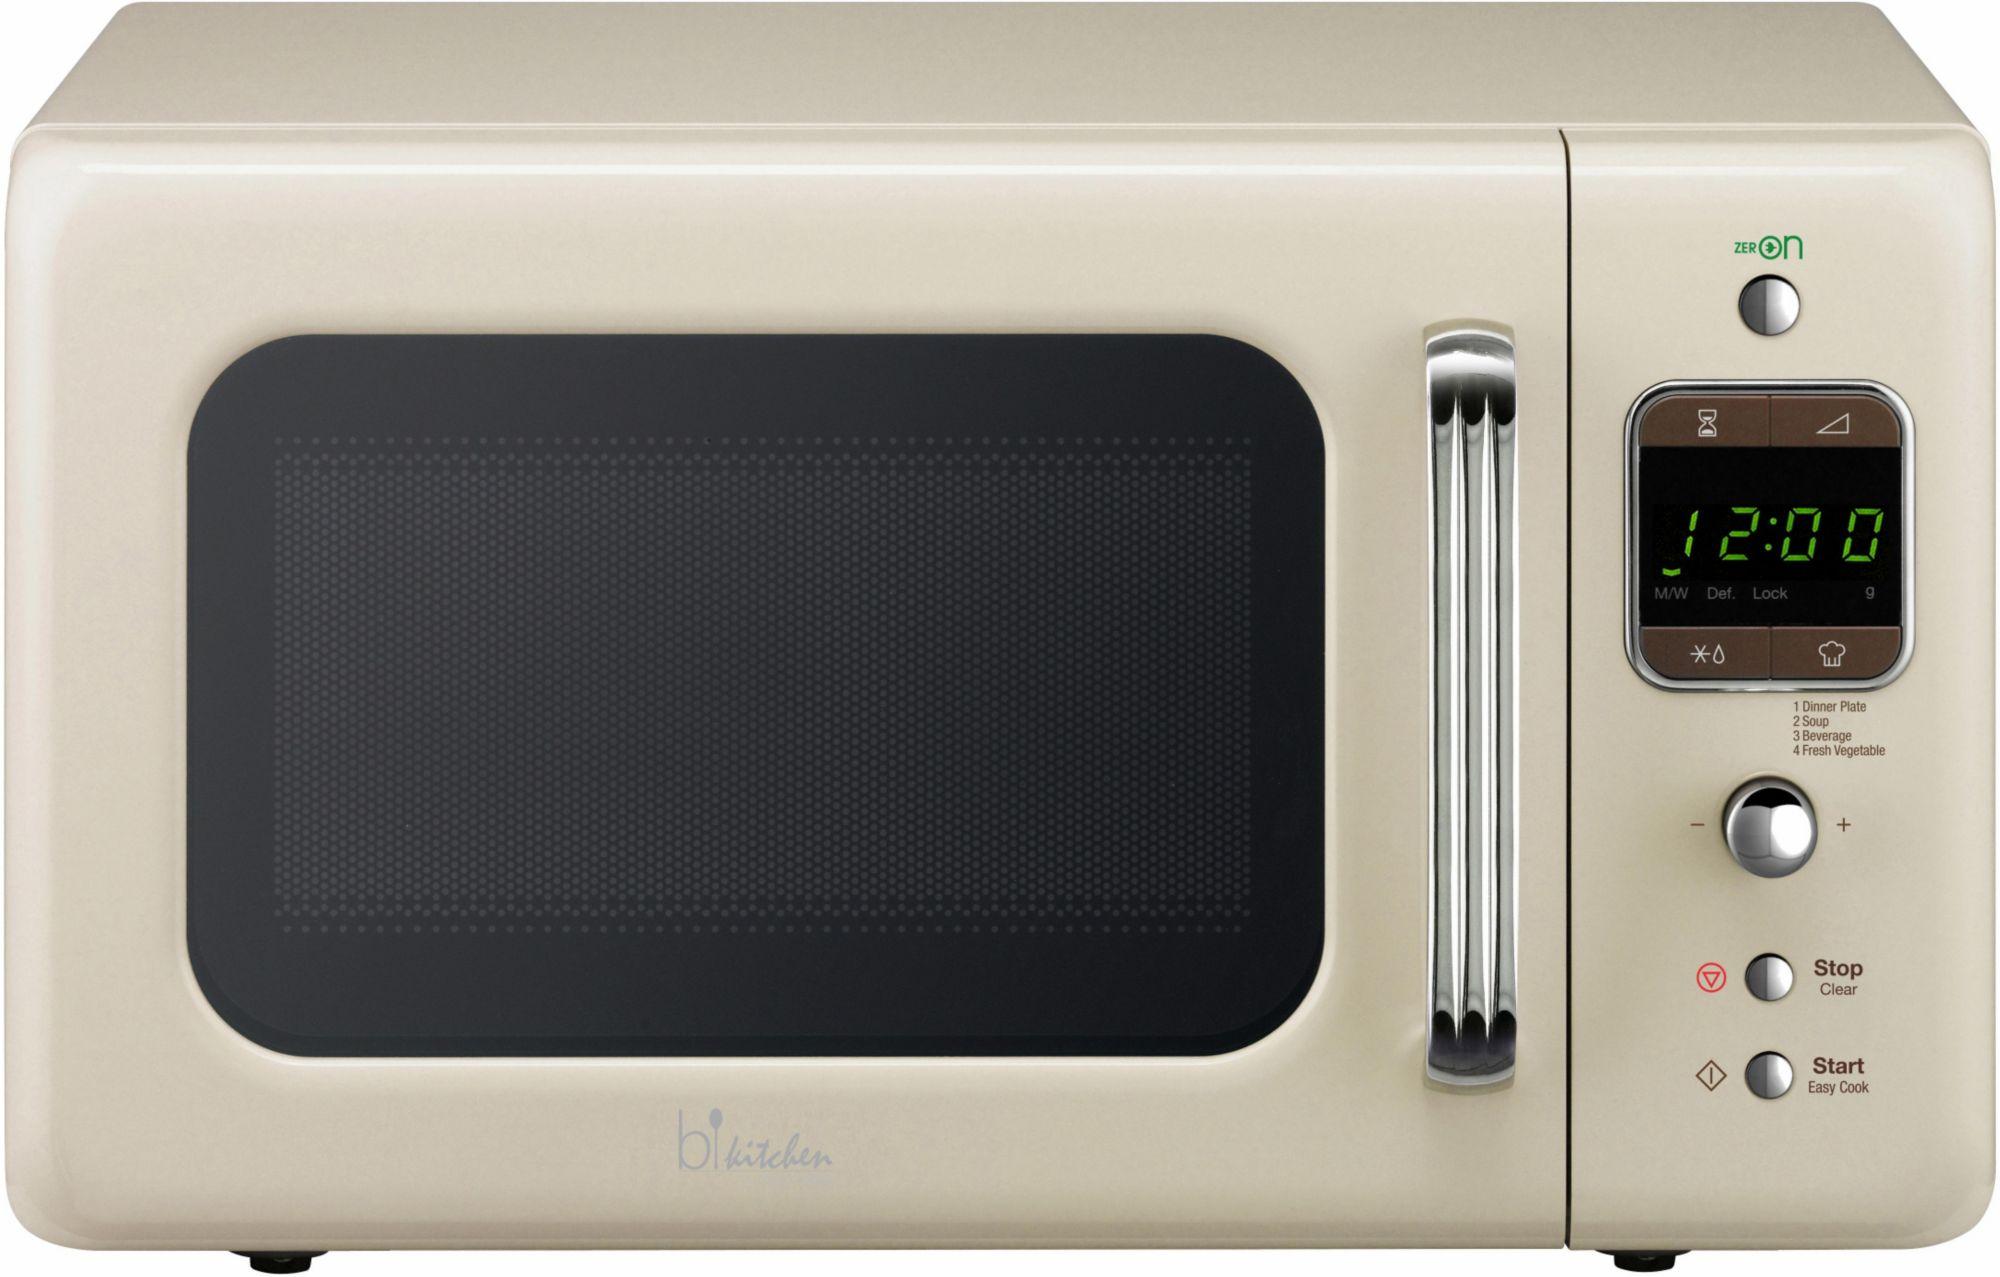 BKITCHEN bkitchen Design Mikrowelle Cook 800, 20 Liter Garraum, 800 Watt, beige